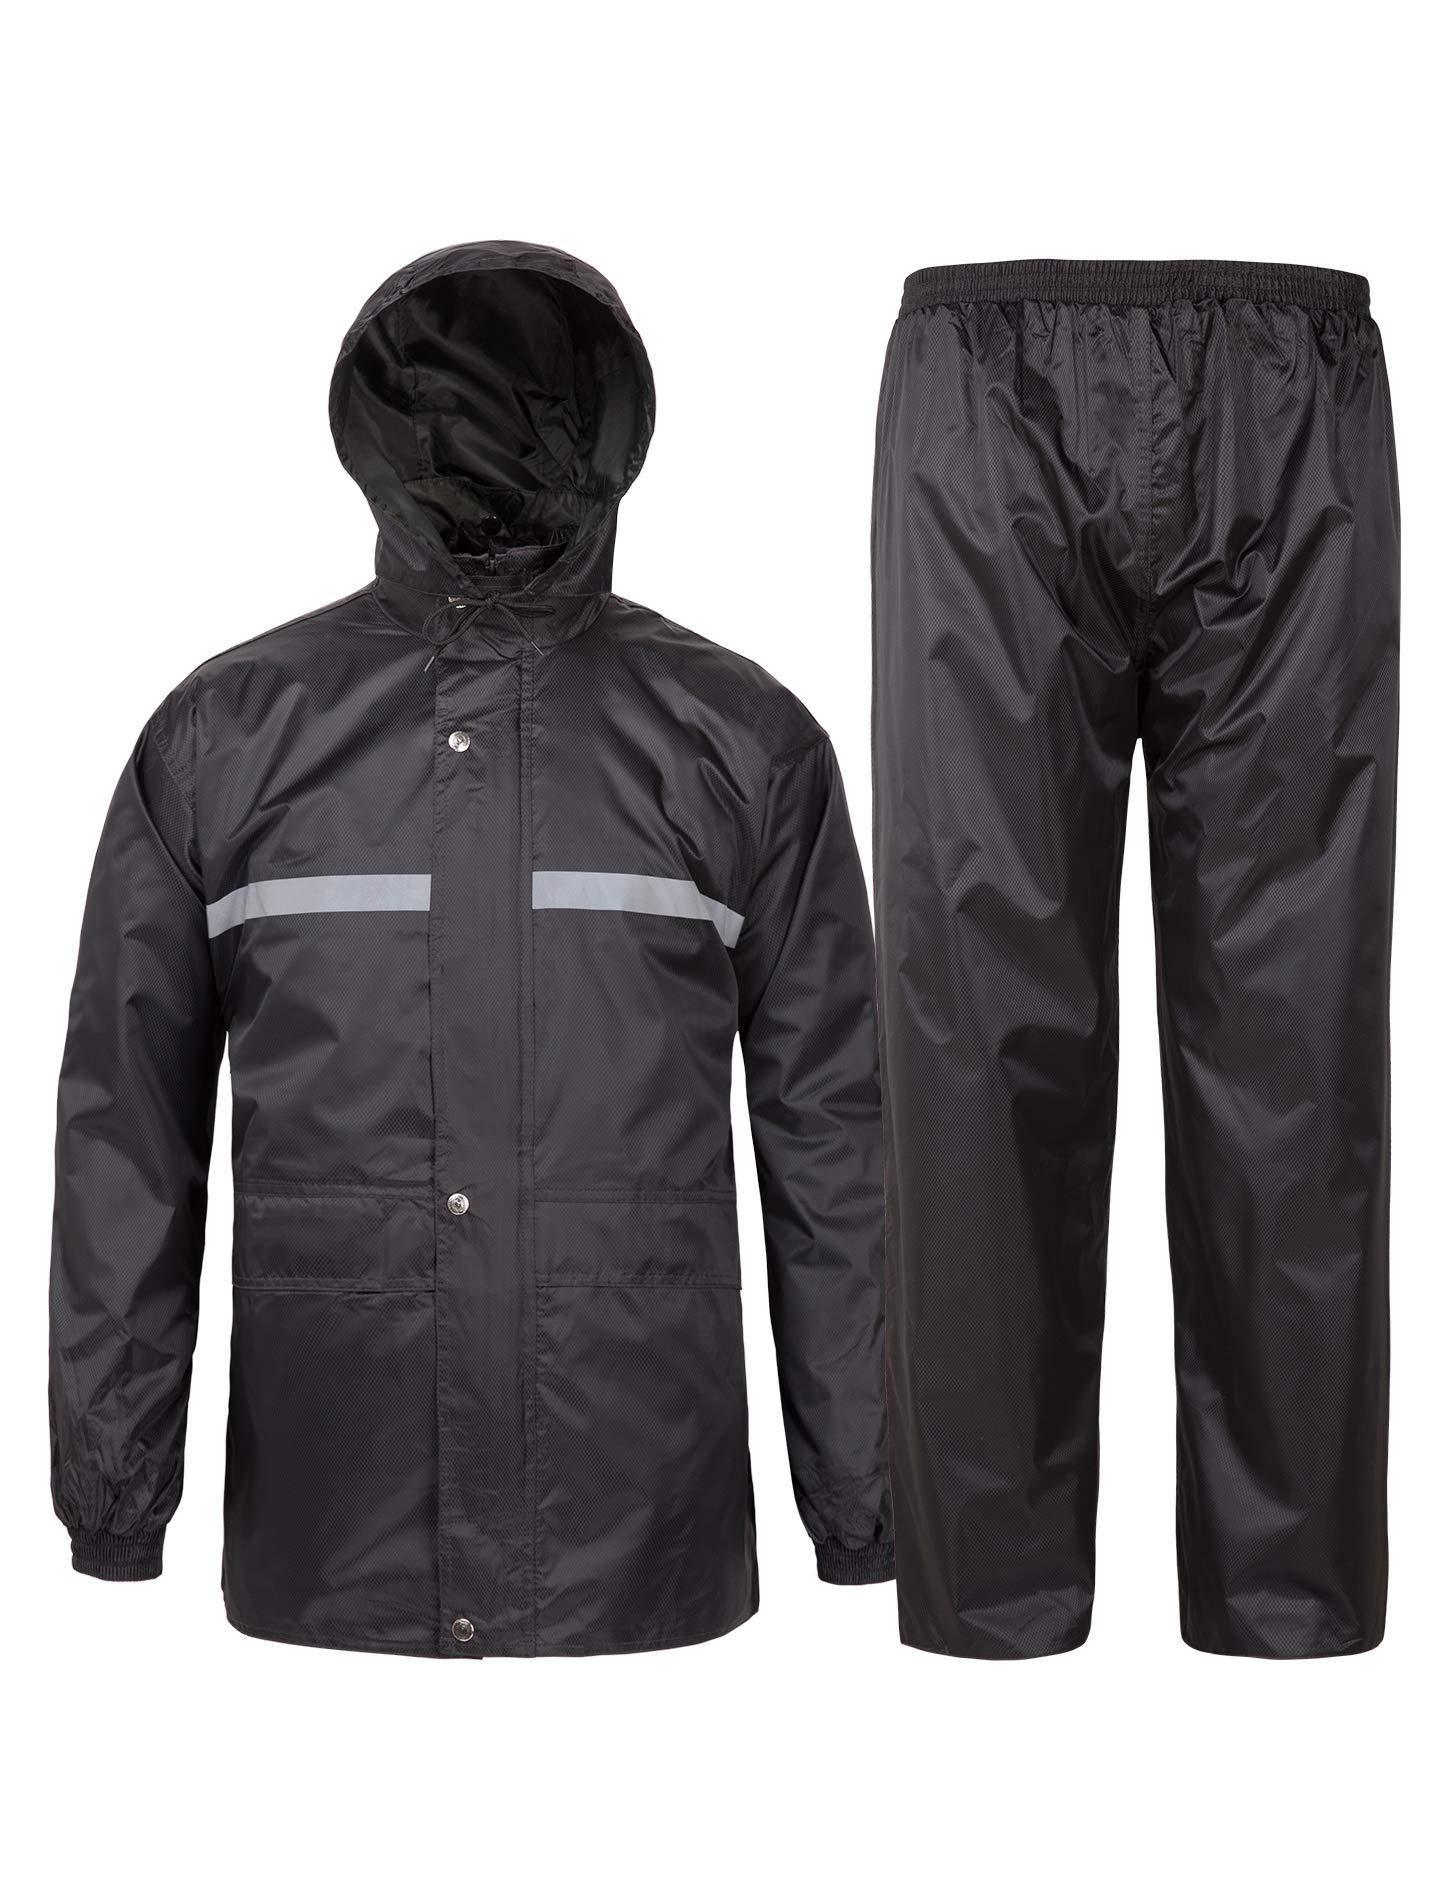 SWISSWELL Rain Suit for Men Waterproof Hooded Rainwear (Jacket & Trouser Suit) (Small, Black-Heavy) by SWISSWELL